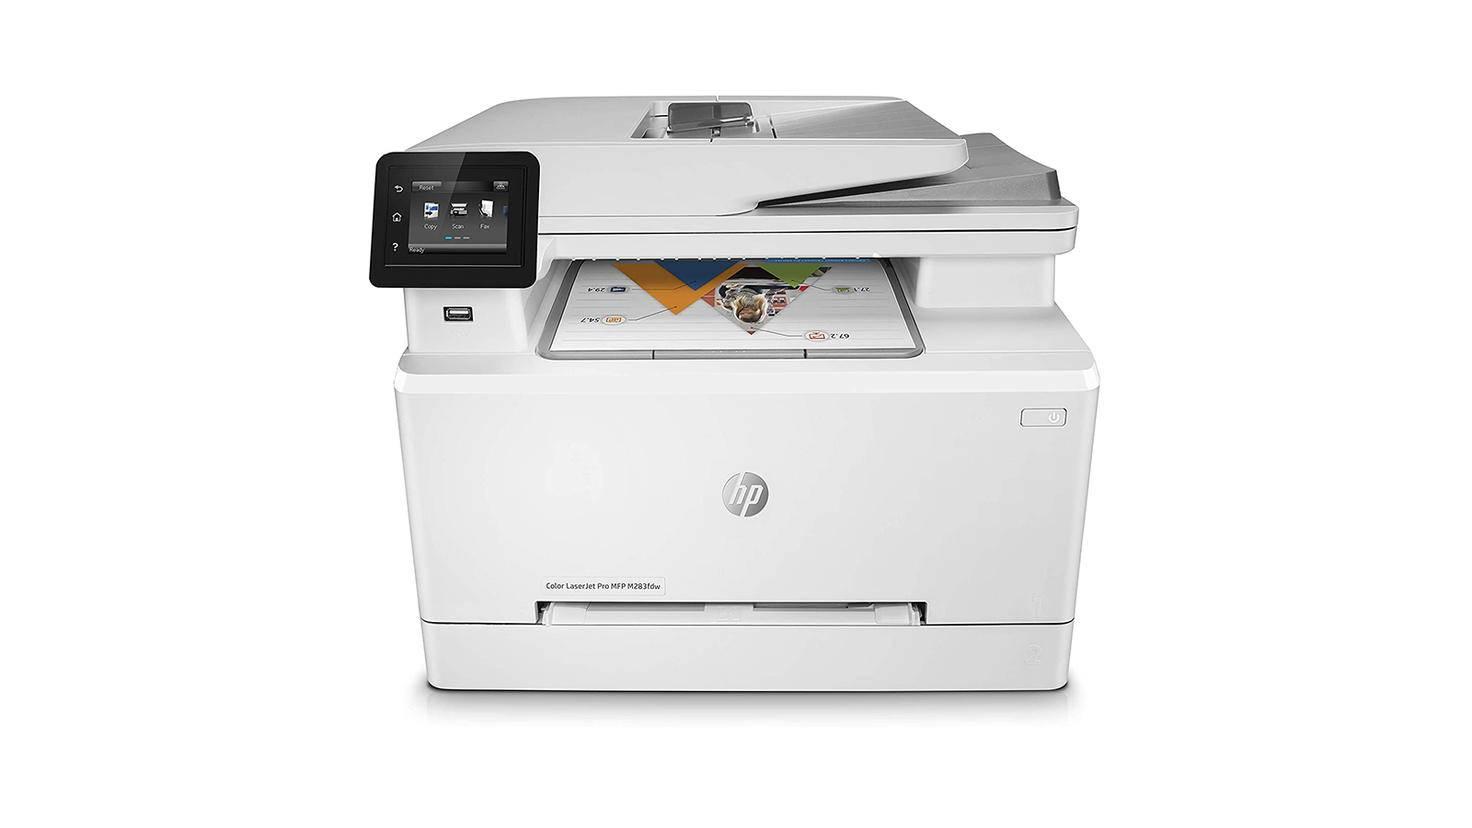 HP LaserJet Pro MFP M283fdw